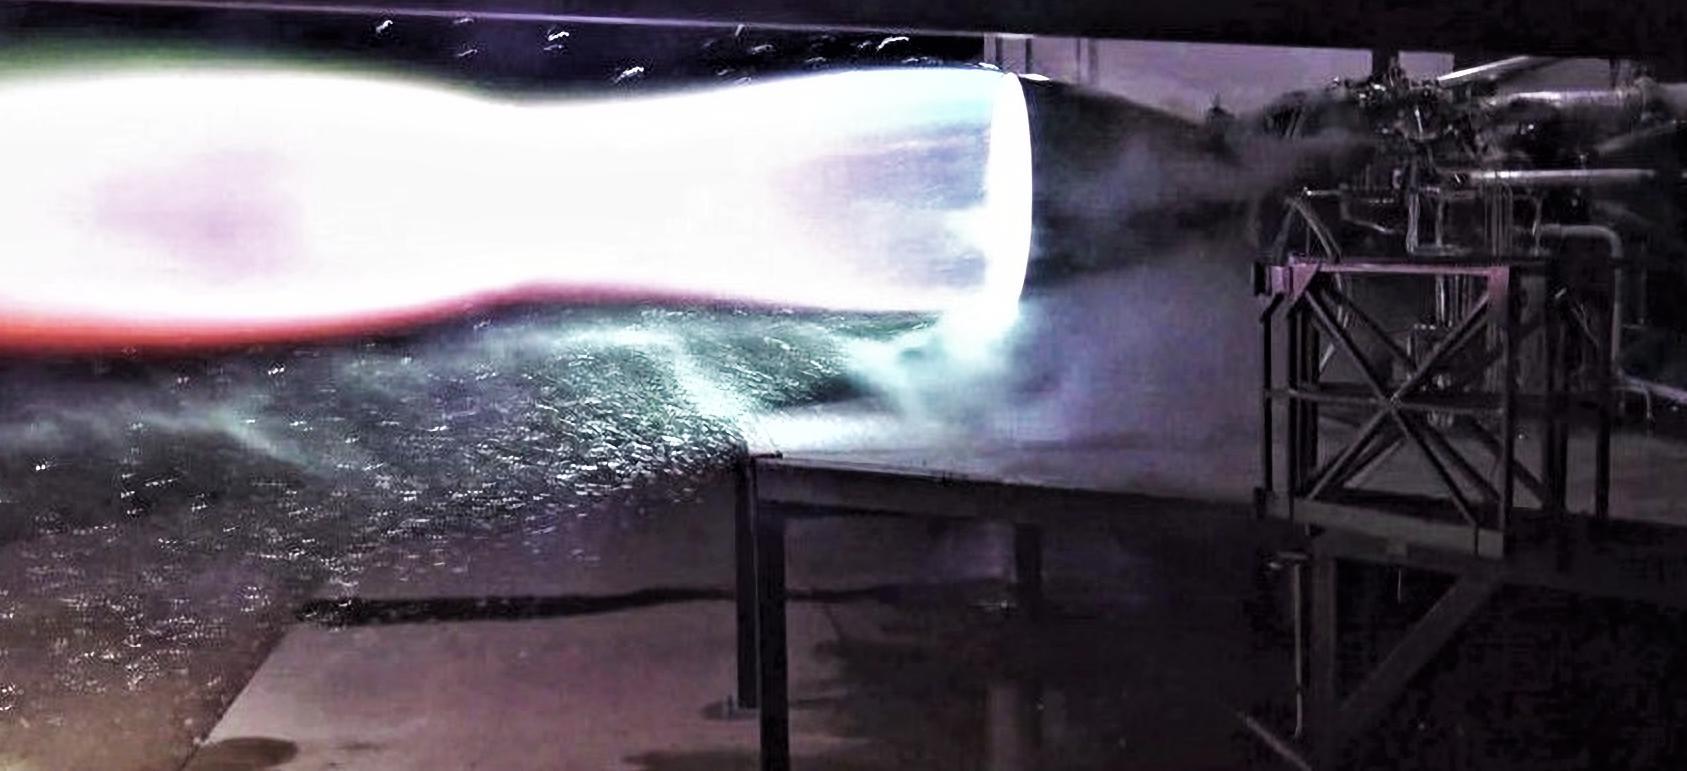 Raptor 1.0 static fire success 020319 (SpaceX) 2 2X edit